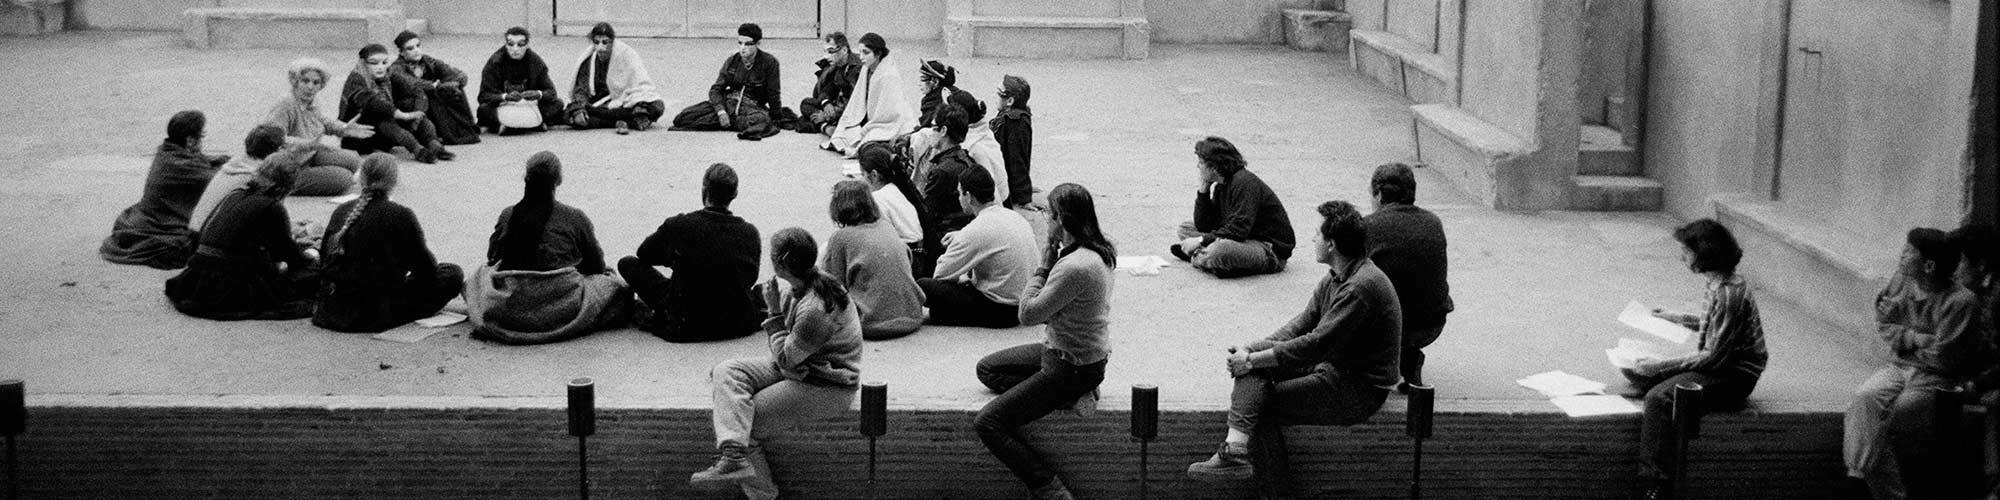 Au fil des jours Tribune d'Ariane Mnouchkine